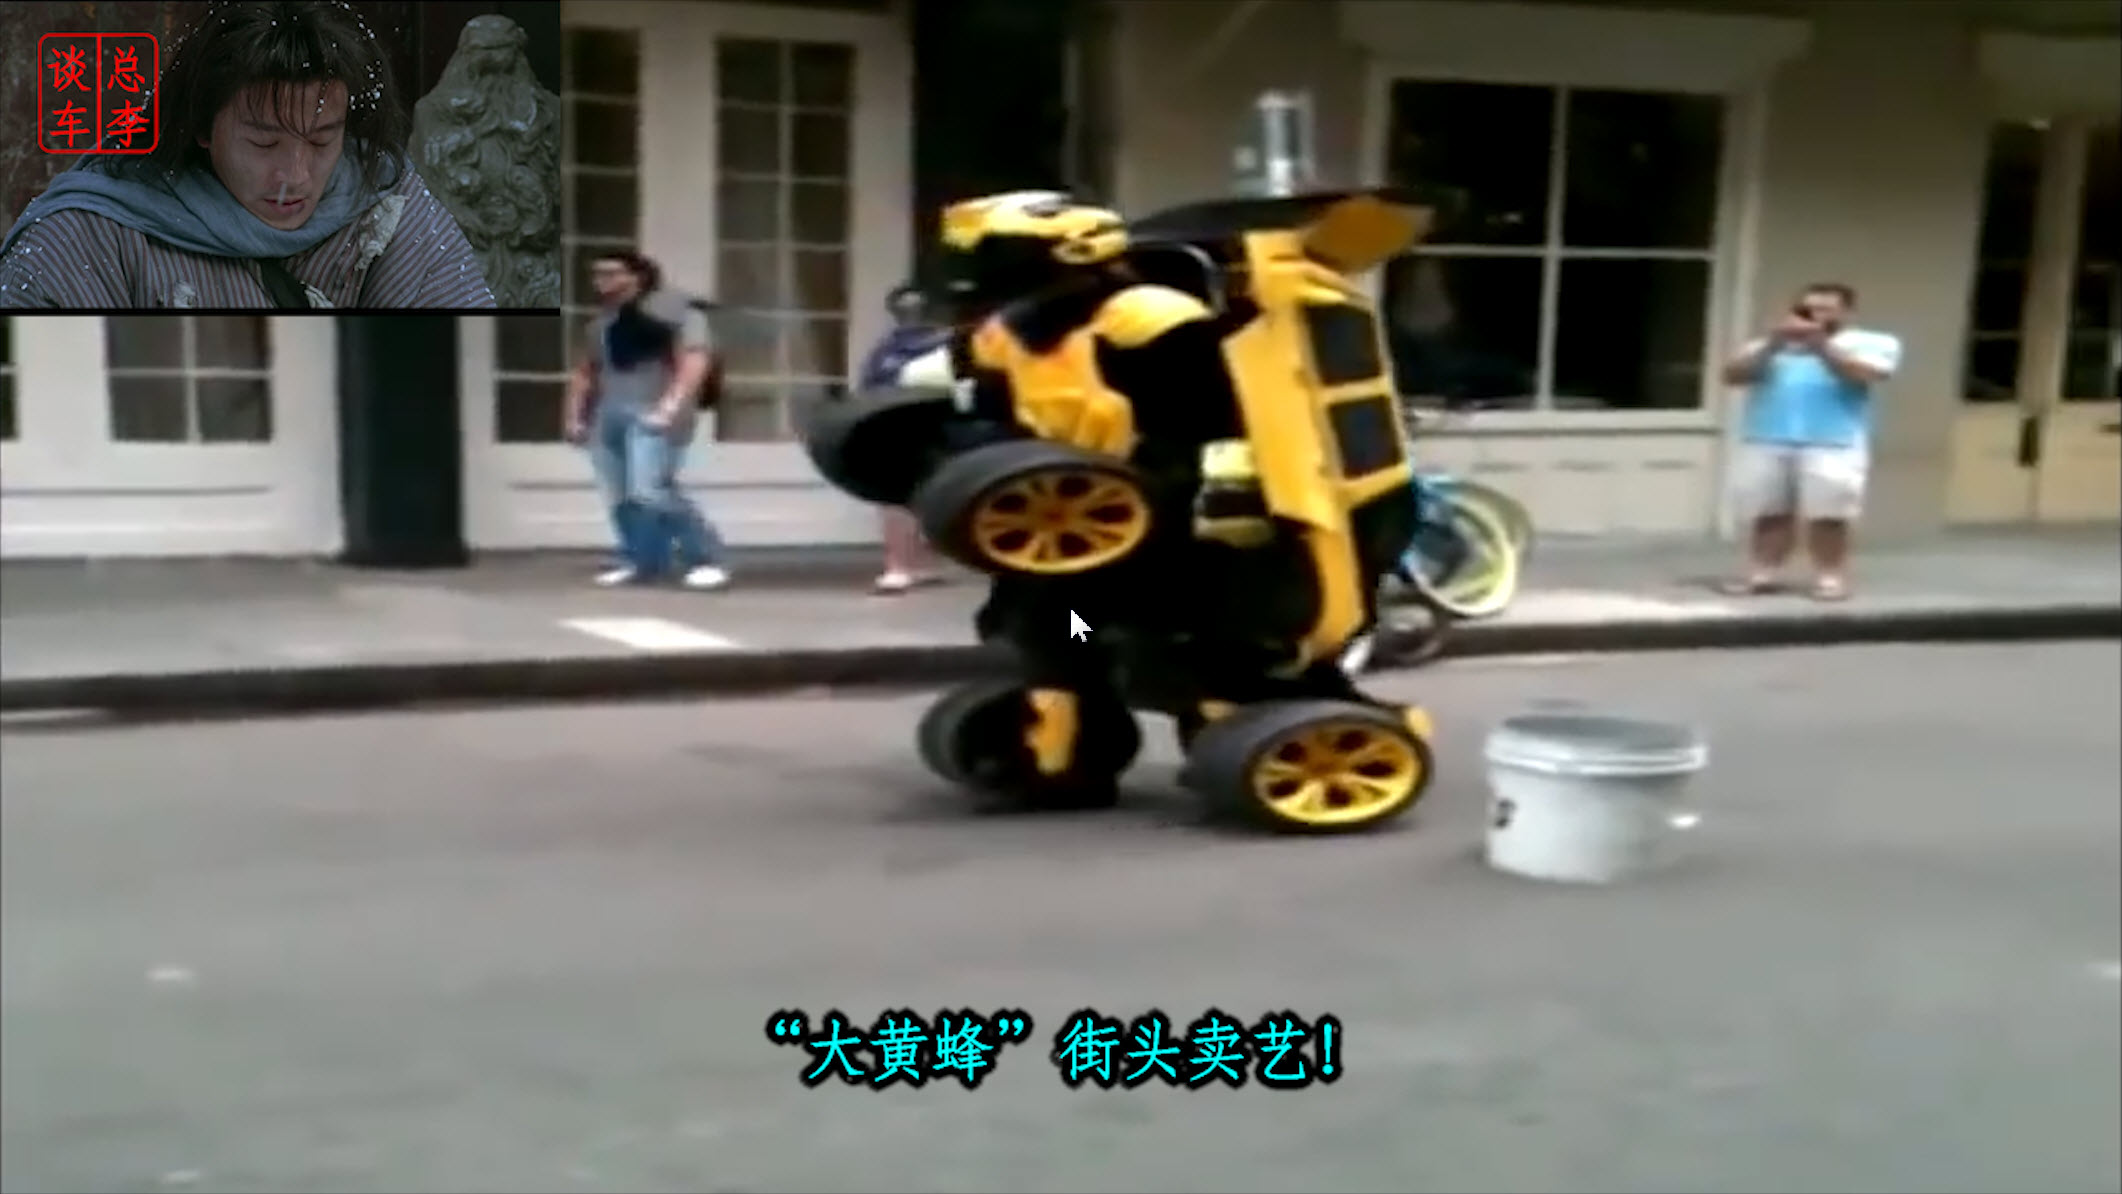 经济形势不好,大黄蜂也下岗卖艺了!